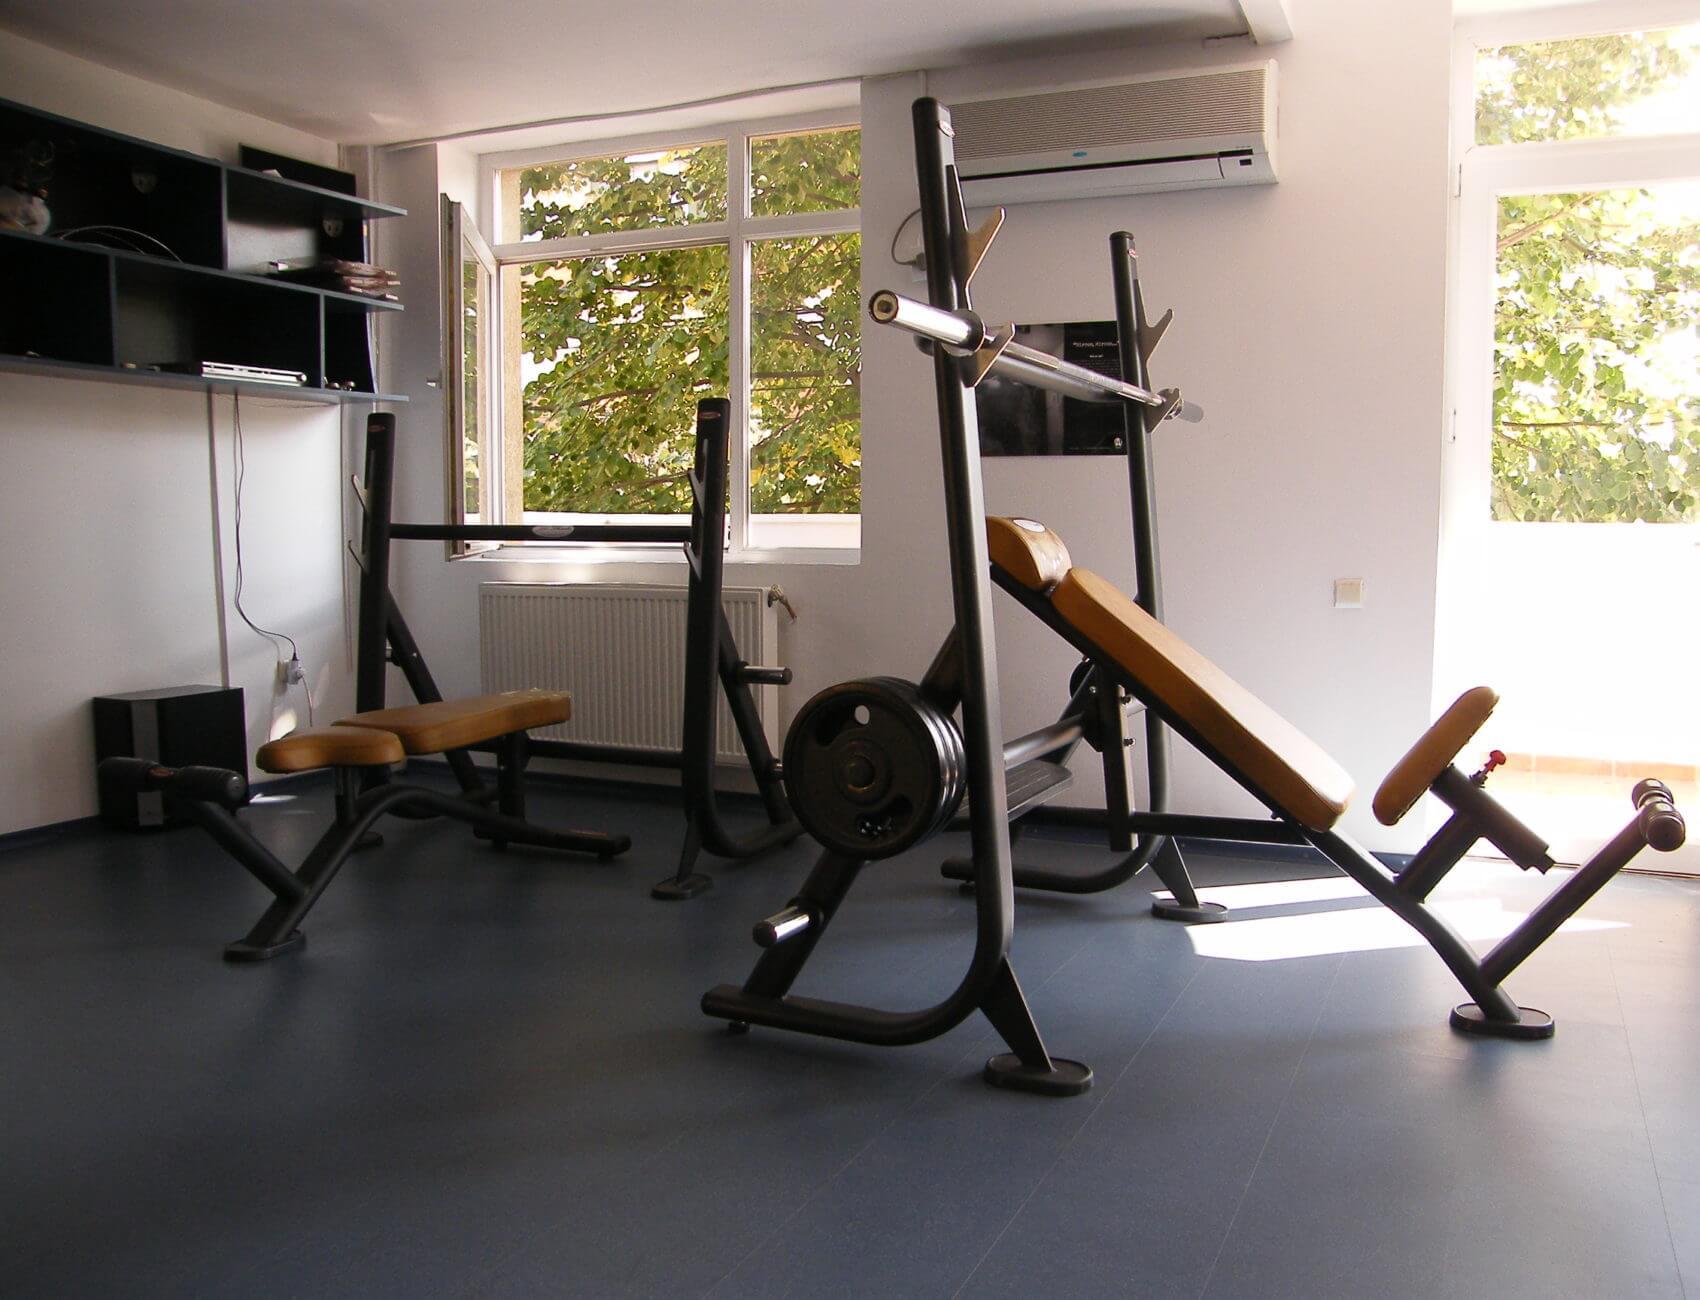 Galerie echipamente fitness 2018 - 15